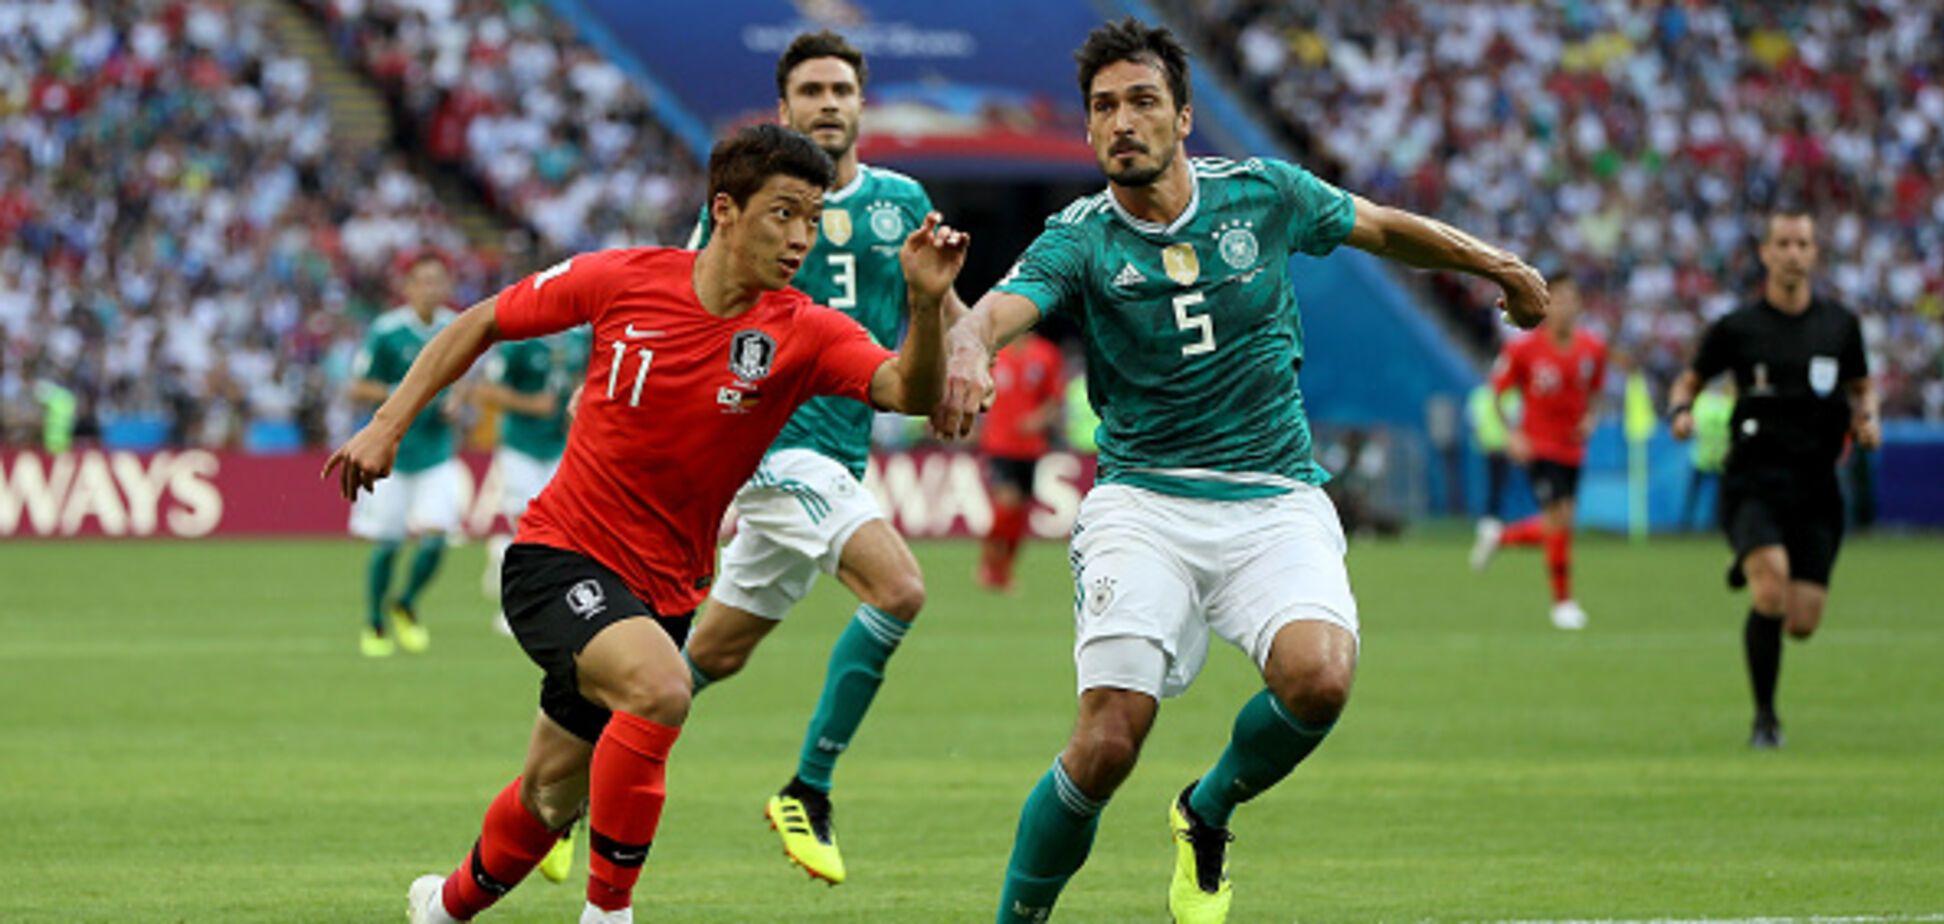 Південна Корея - Німеччина: огляд матчу ЧС-2018